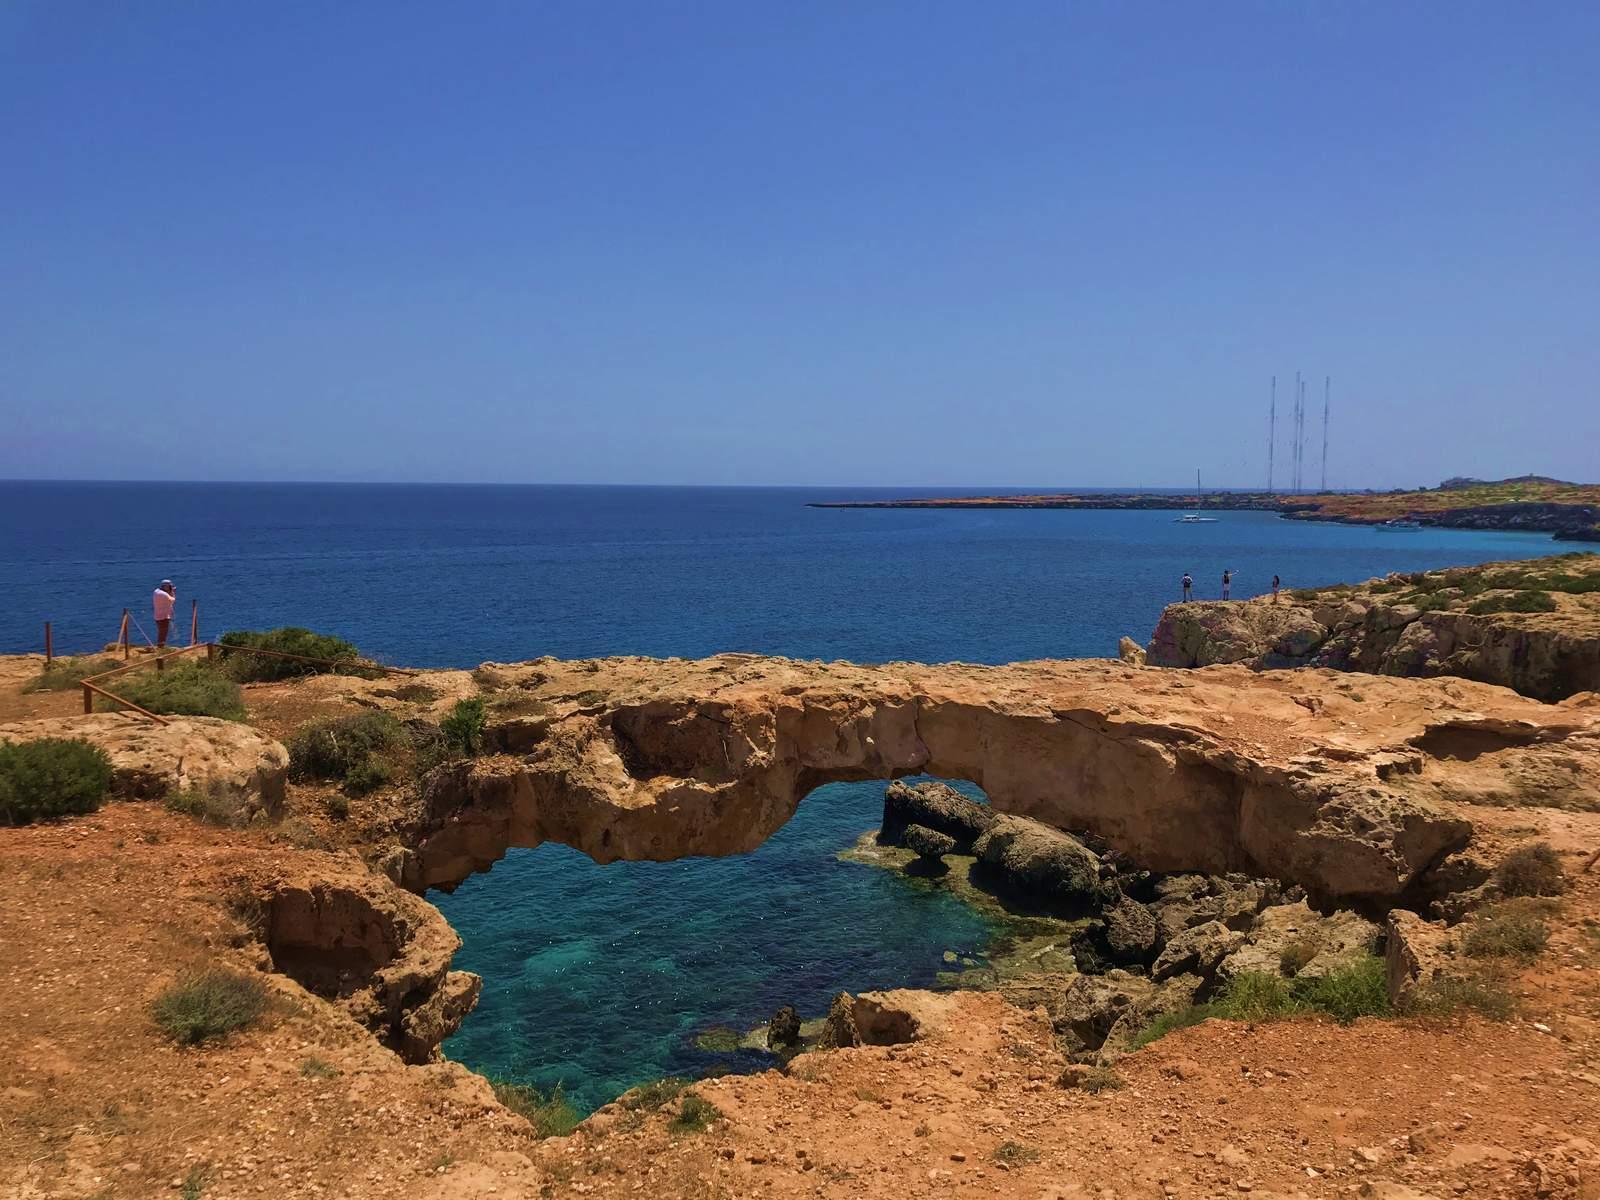 Cyprus. Kamara Tou Koraka stone arch.